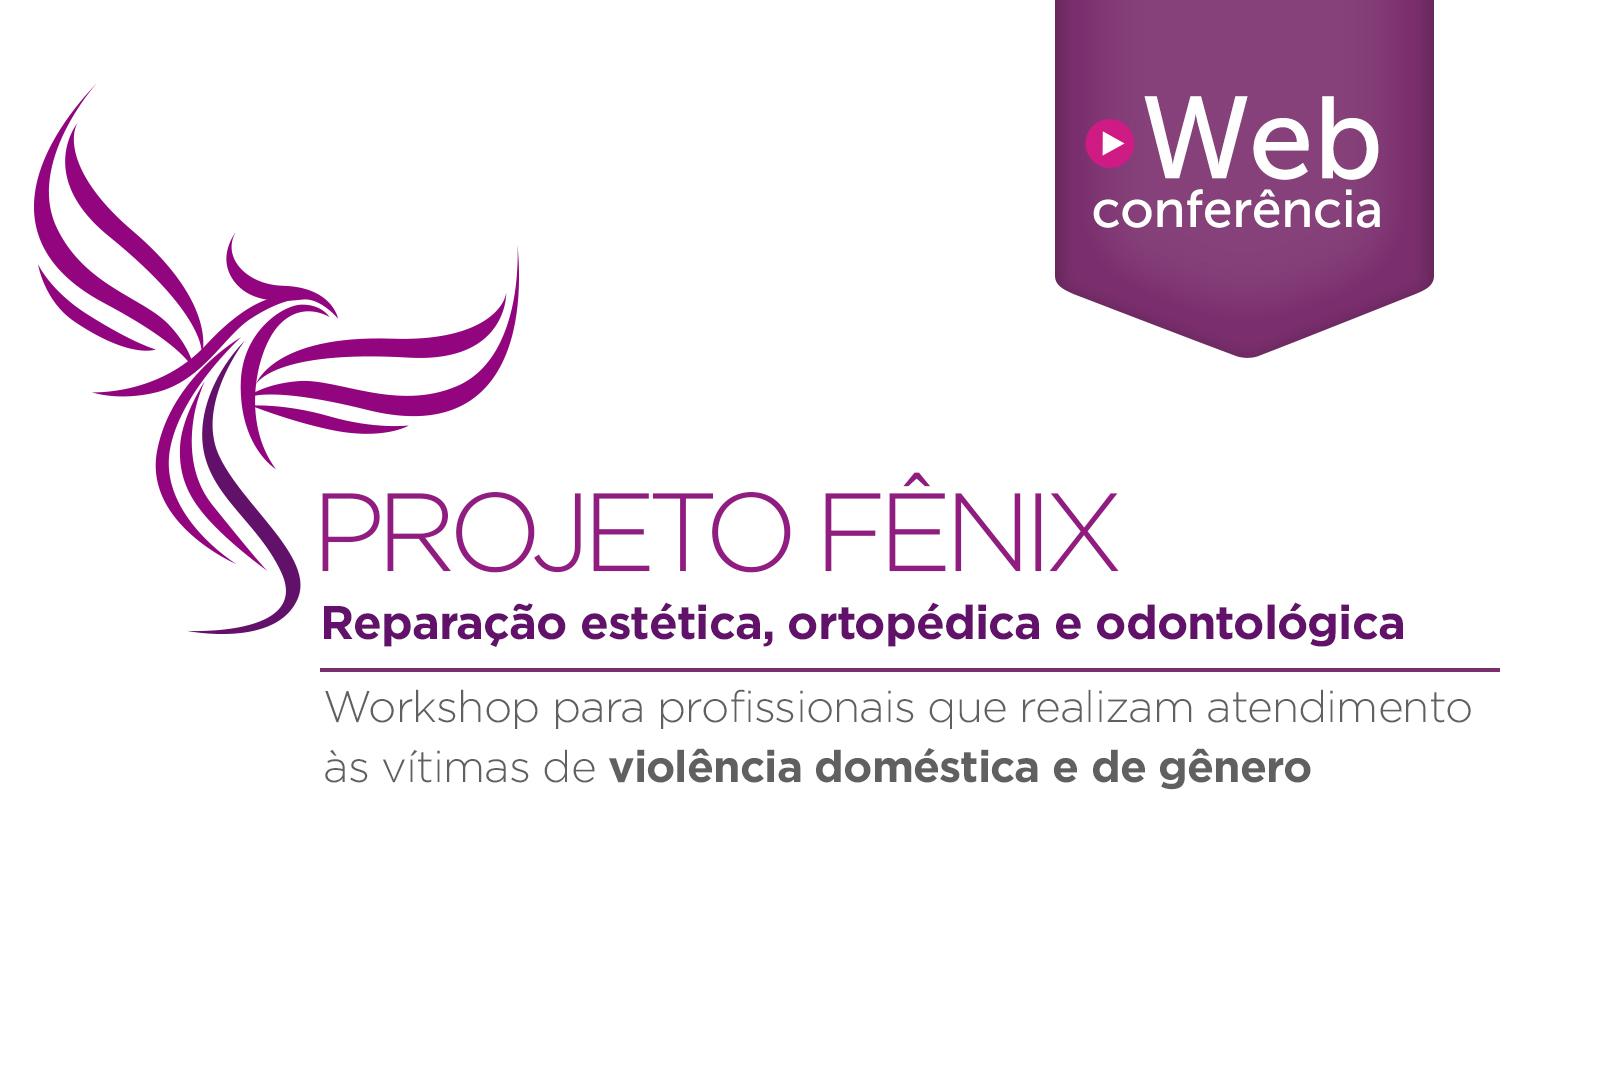 Tribunal participa de webconferência sobre vítimas de violência doméstica